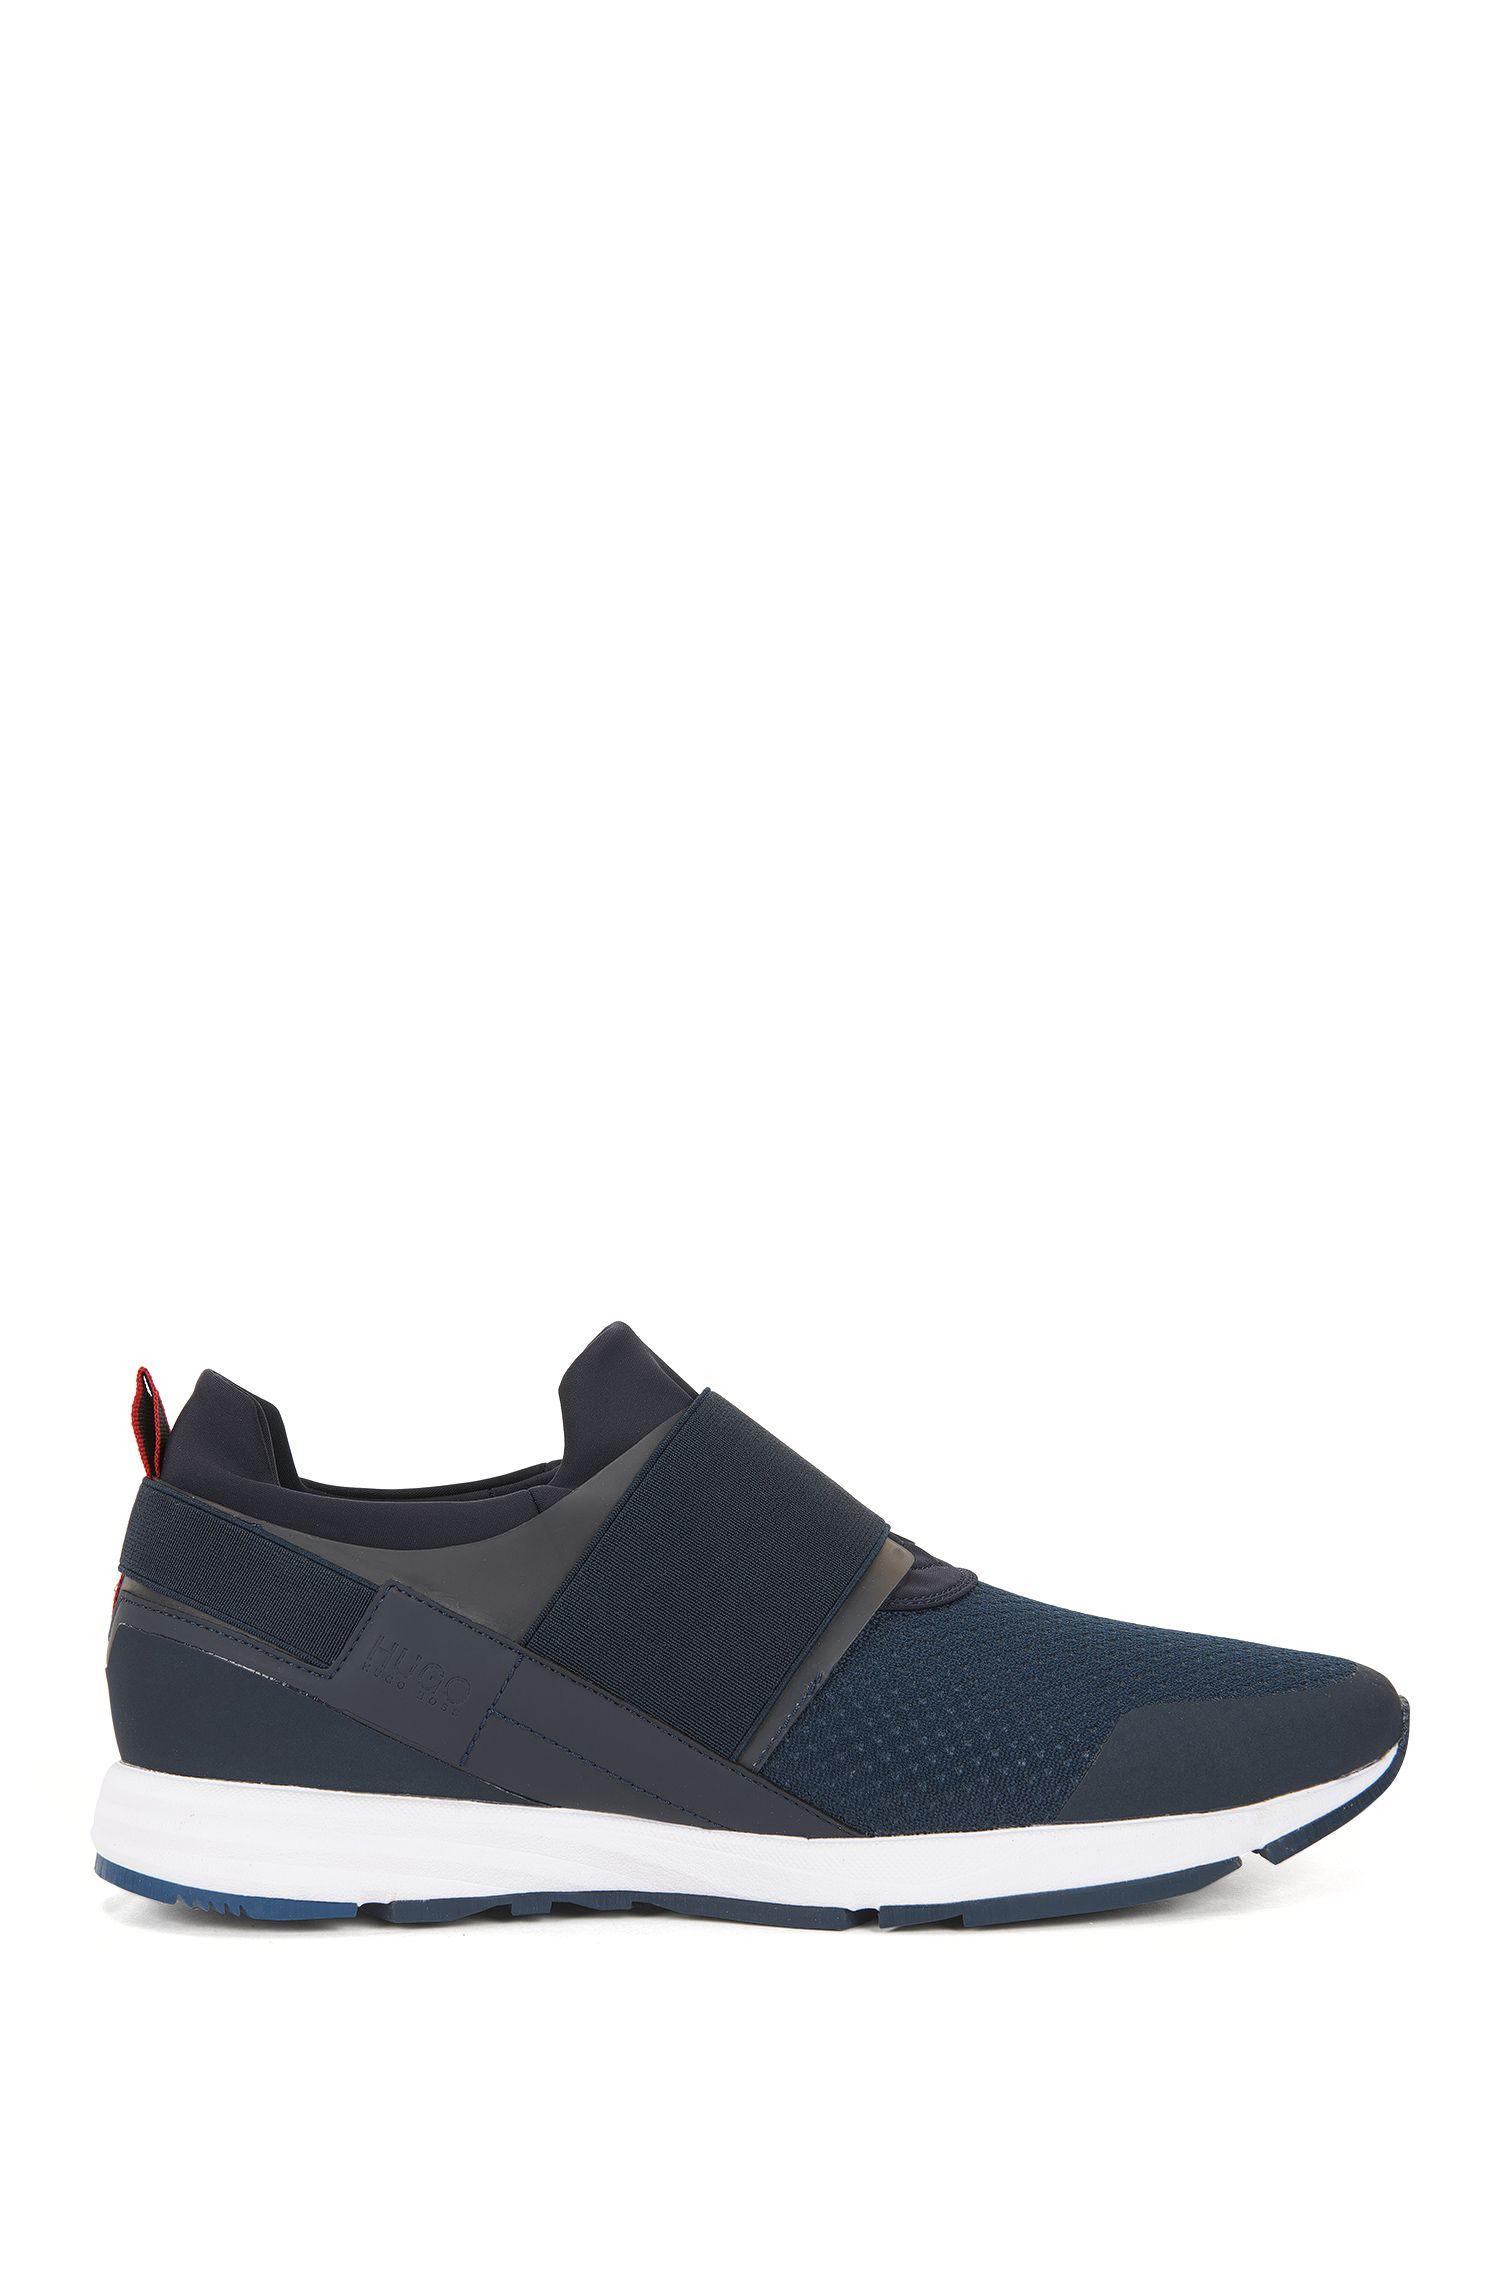 Neoprene Sneaker   Hybrid Runn Knel